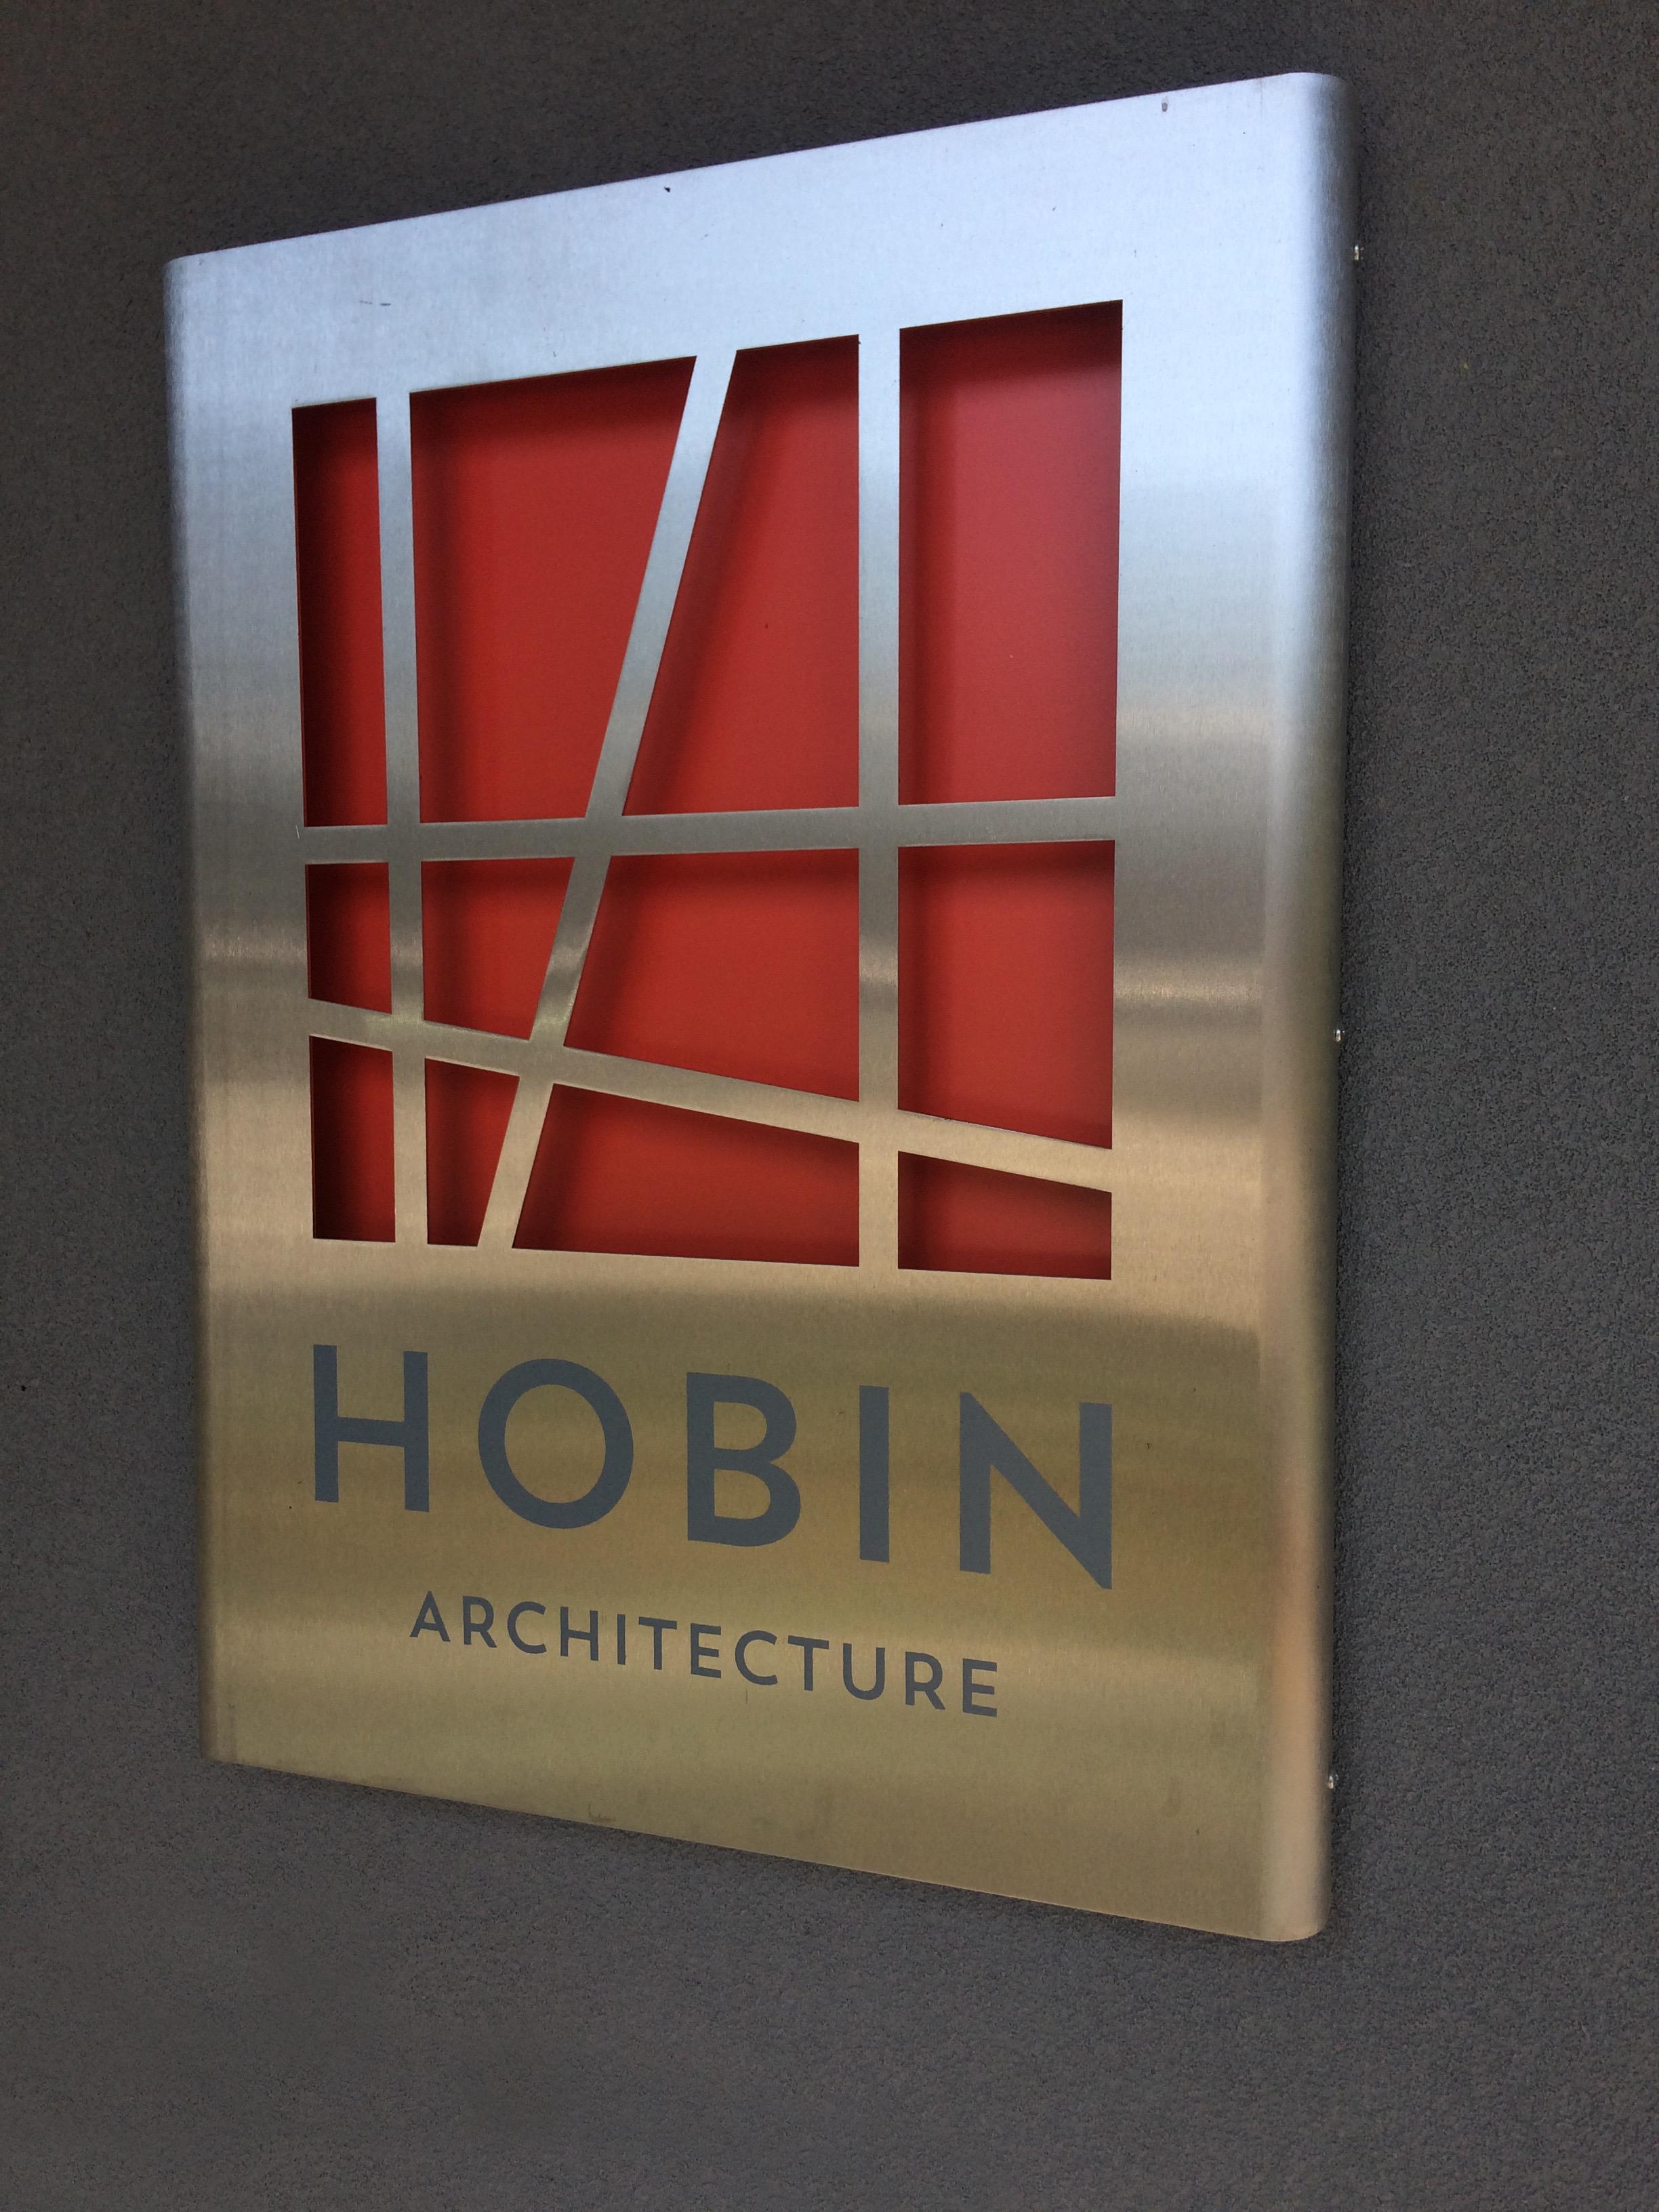 Hobin_sign.jpg